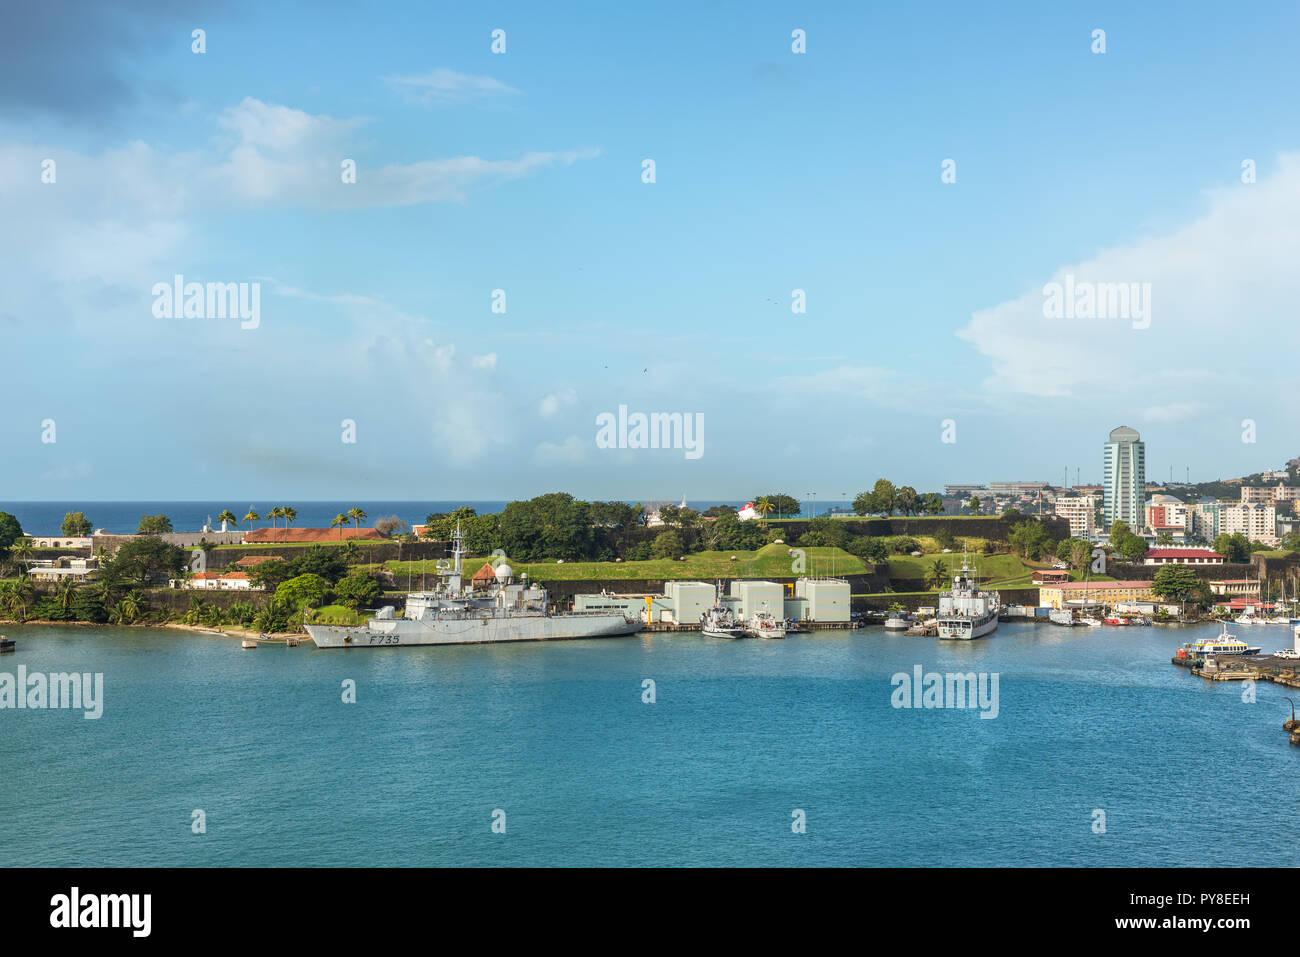 Fort-de-France, Martinique - Dezember 19, 2016: French Navy Kriegsschiffe und Boote vertäut im Hafen von Fort-de-France, Martinique, Karibik. Martinique ist Stockbild